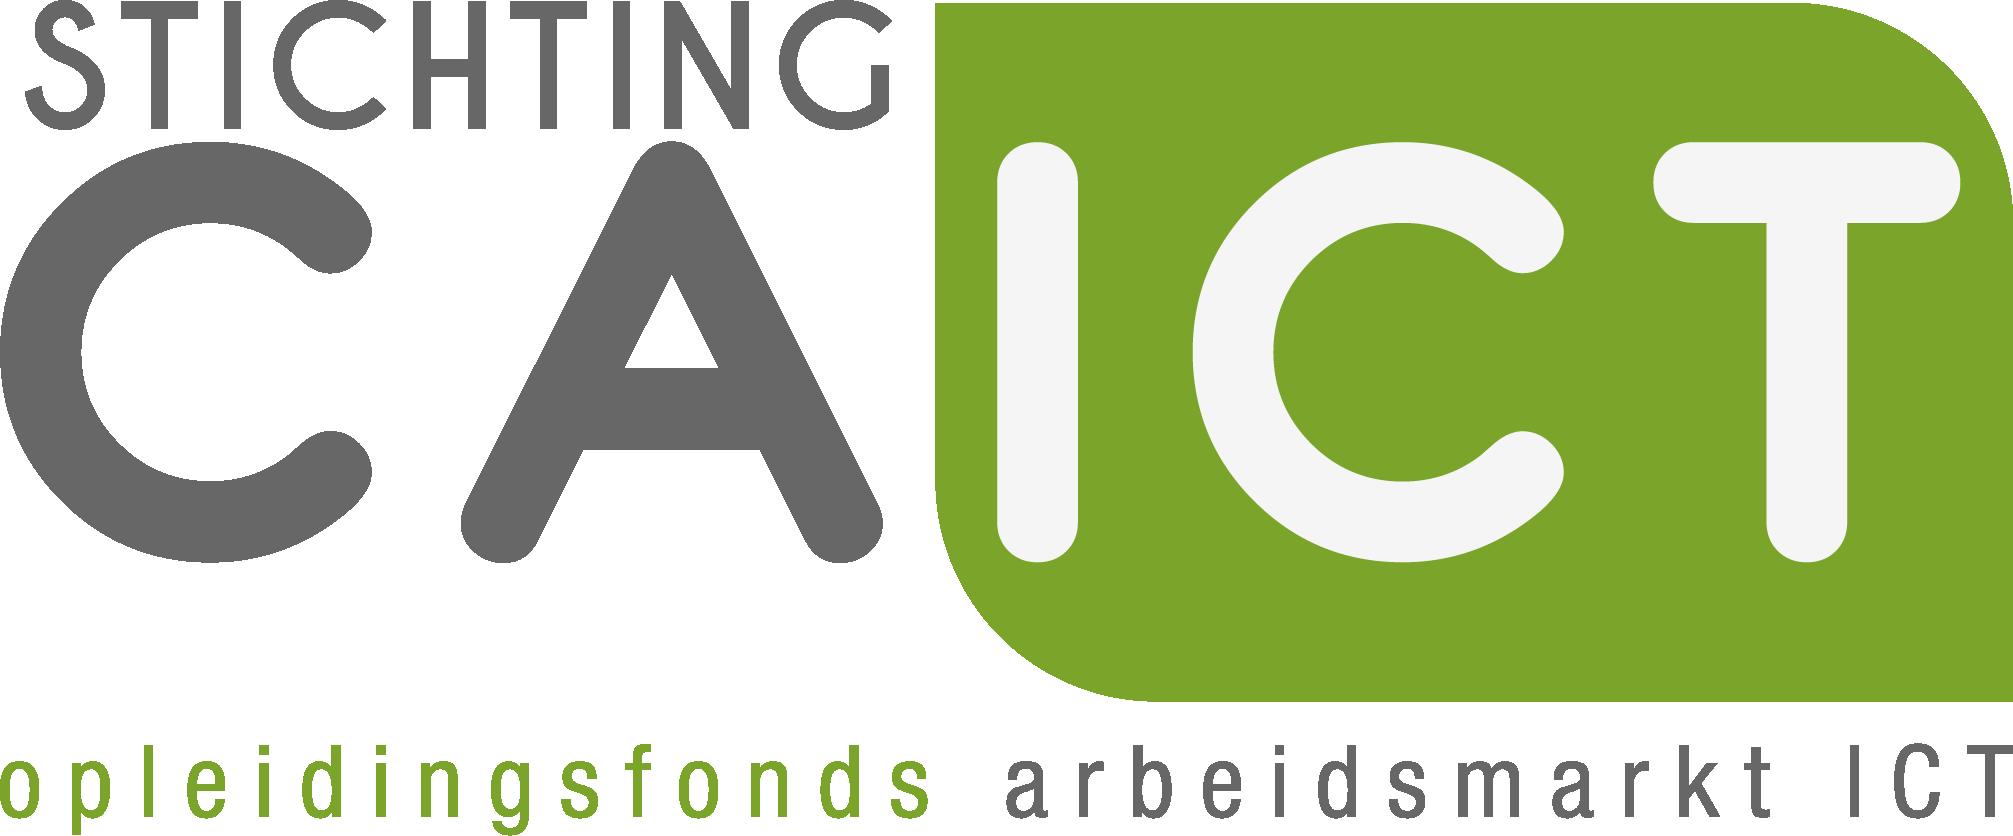 CA-ICT